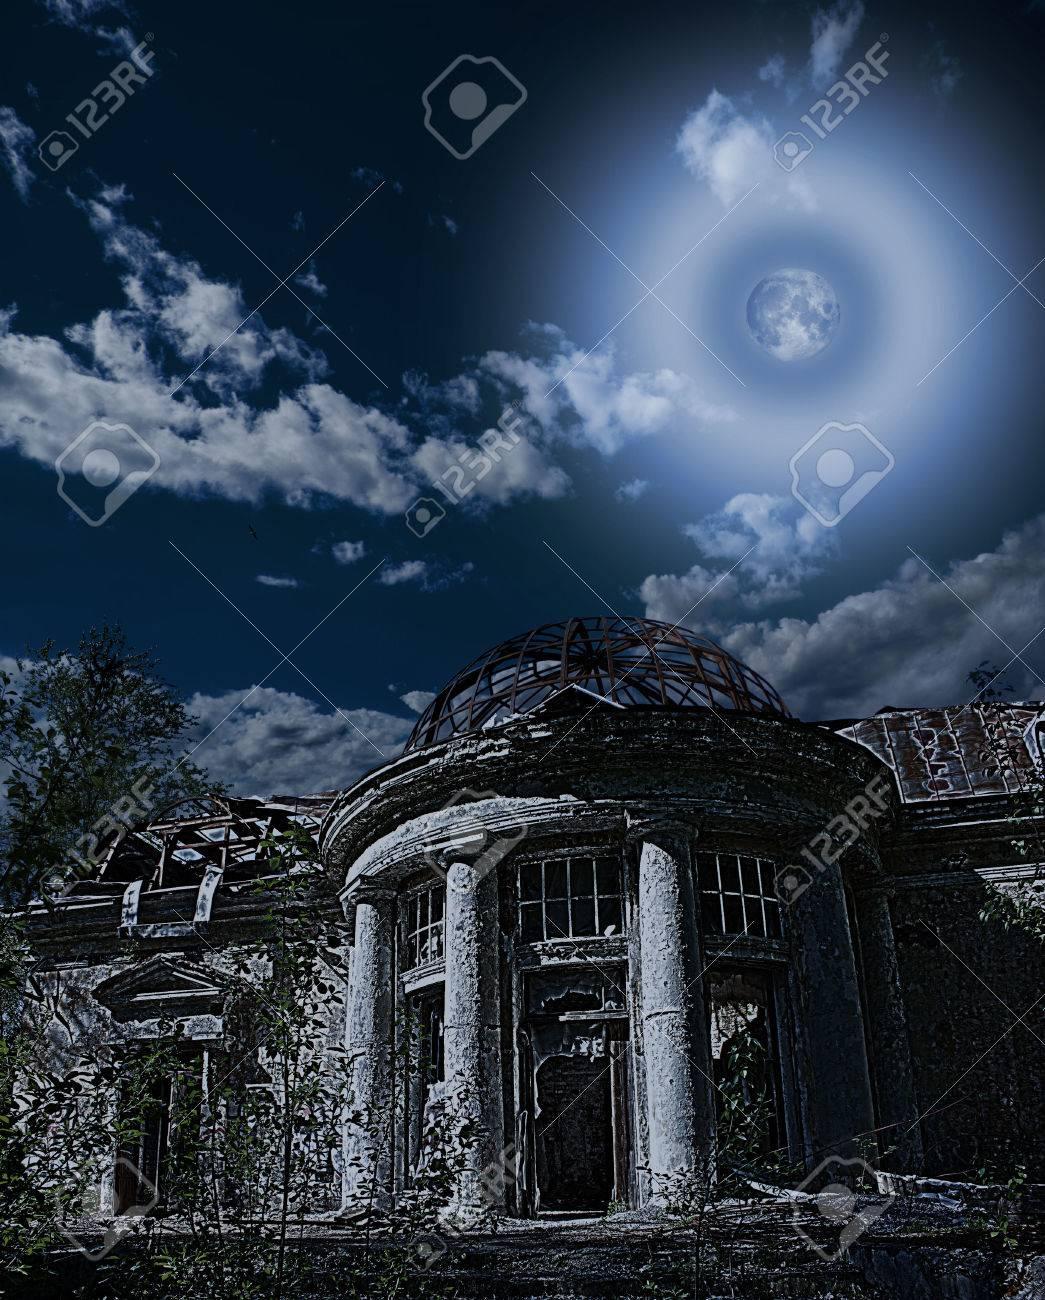 Casa Rural En Ruinas Con Una Rotonda Romántico Y Terraza En El Jardín Bajo La Luna Hormiga Cielo Niht